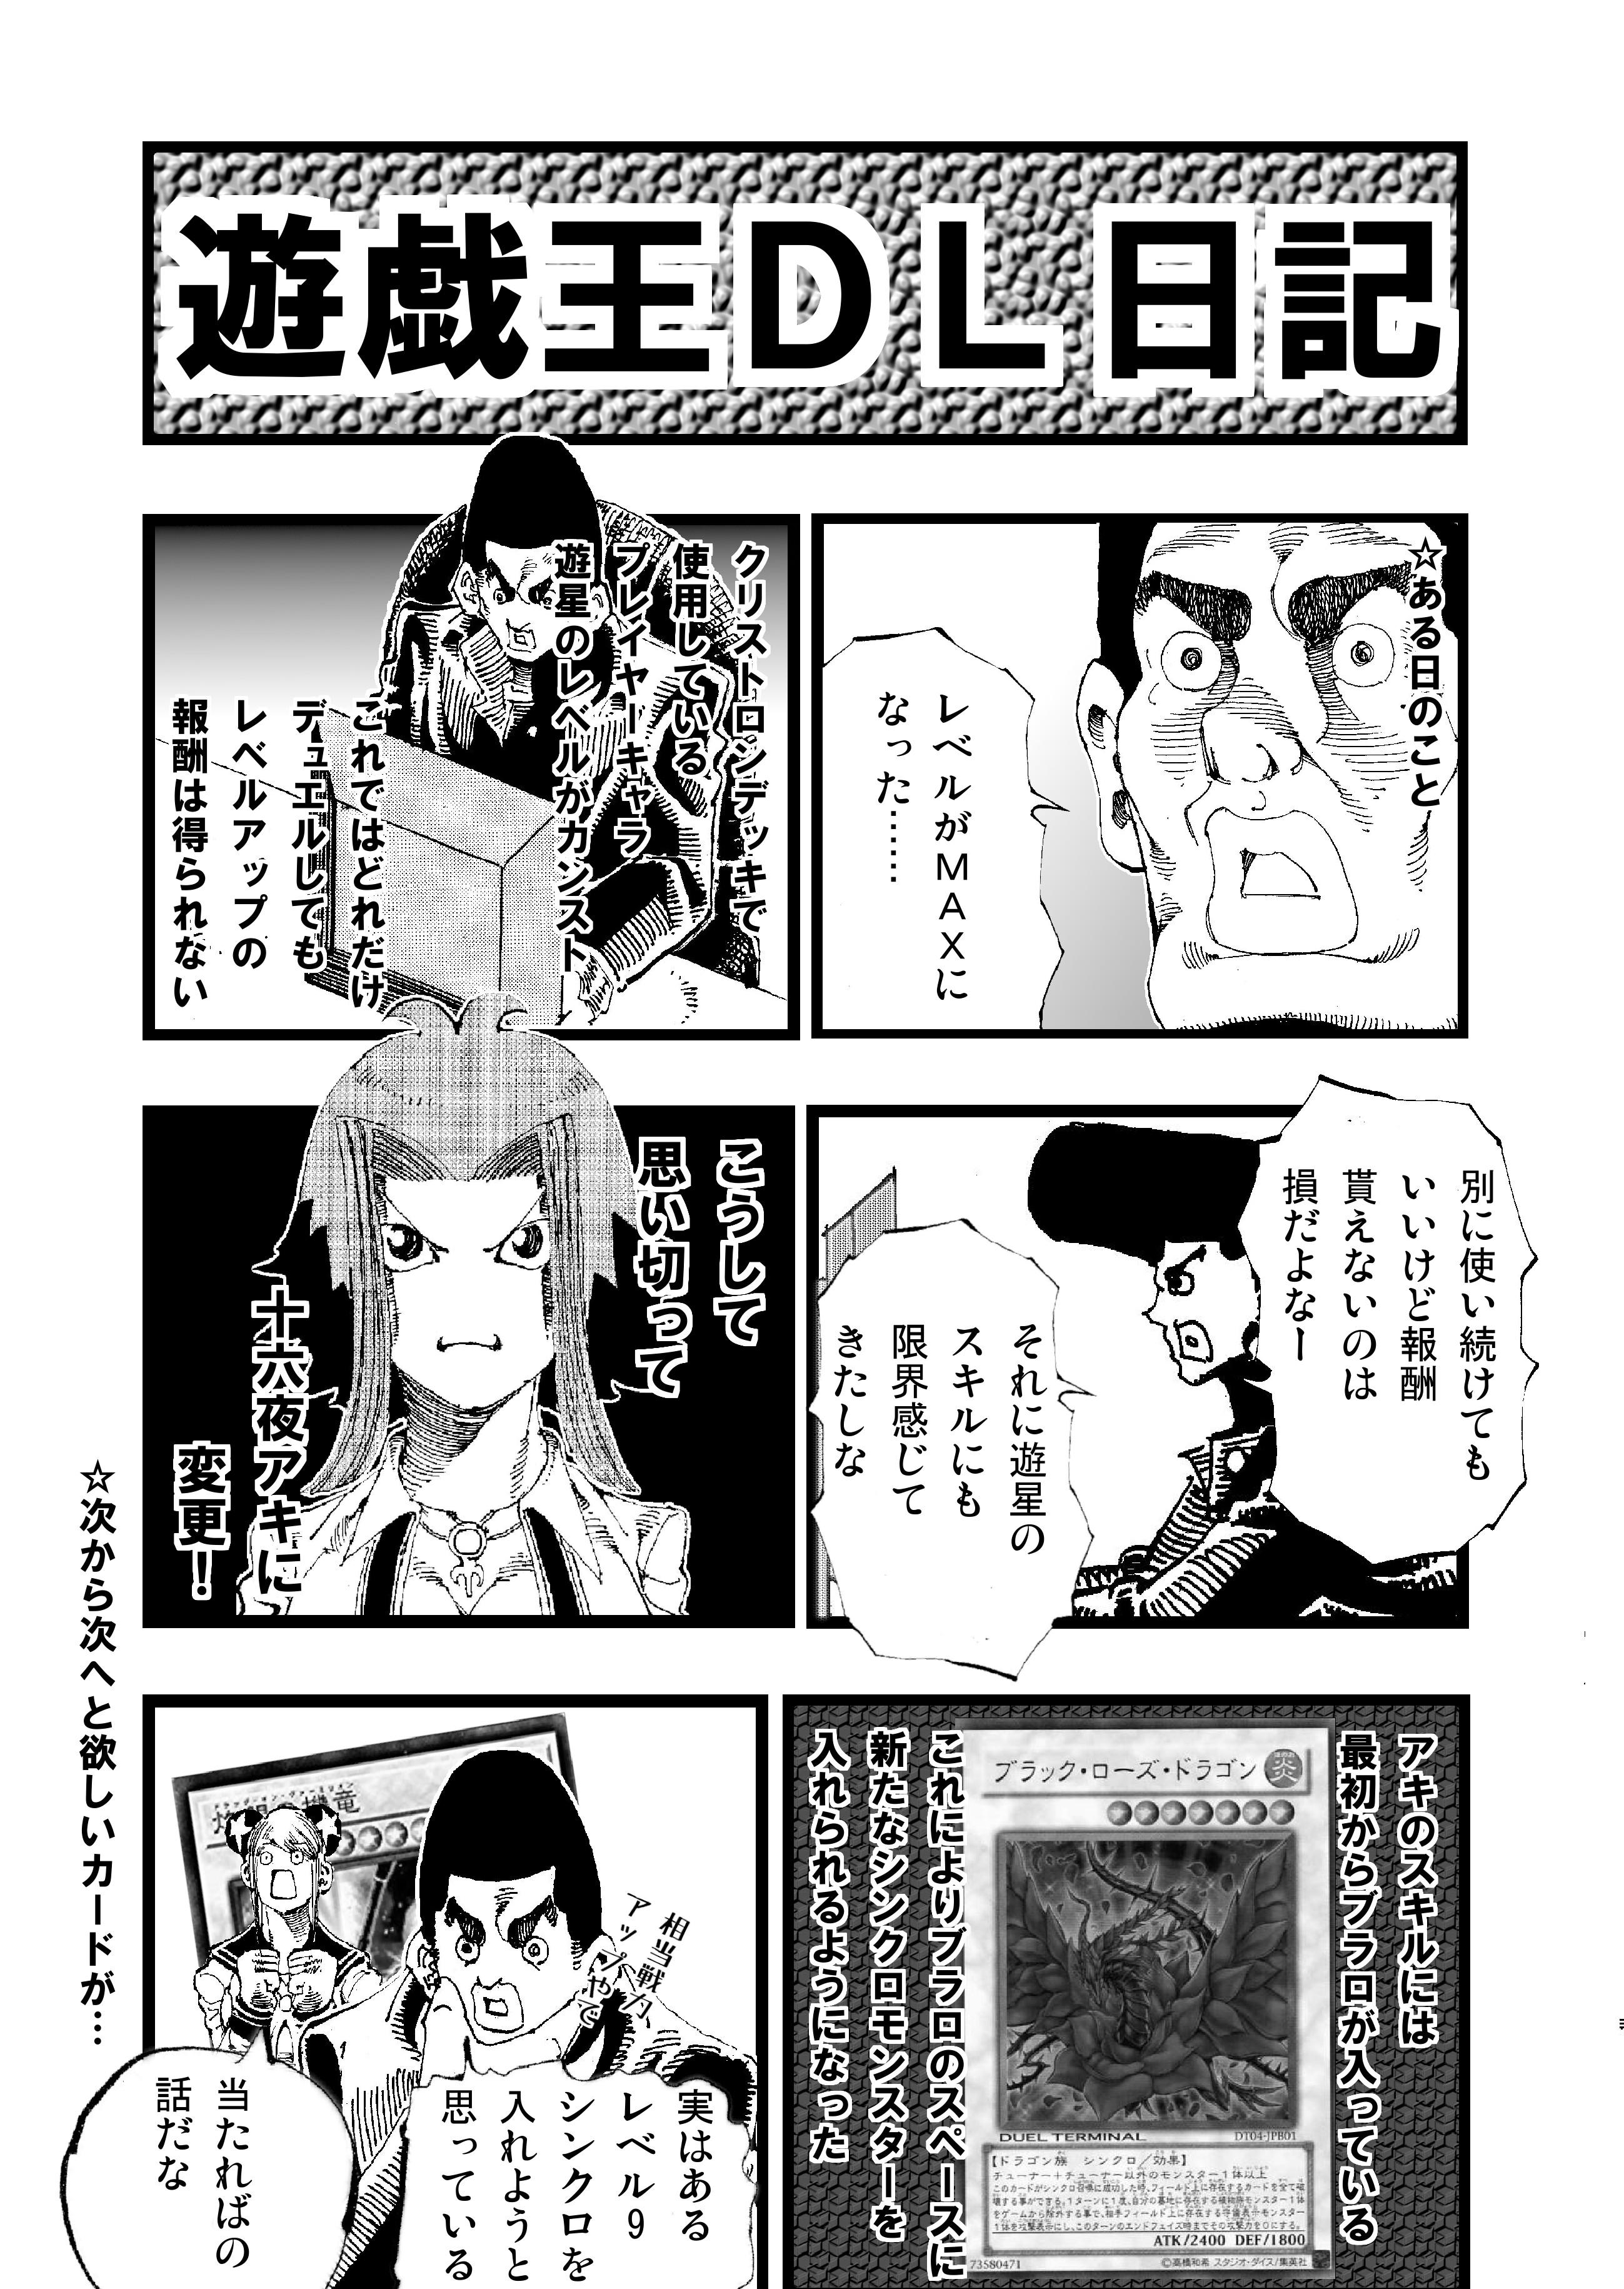 遊戯王デュエルリンクス日記23 カンスト